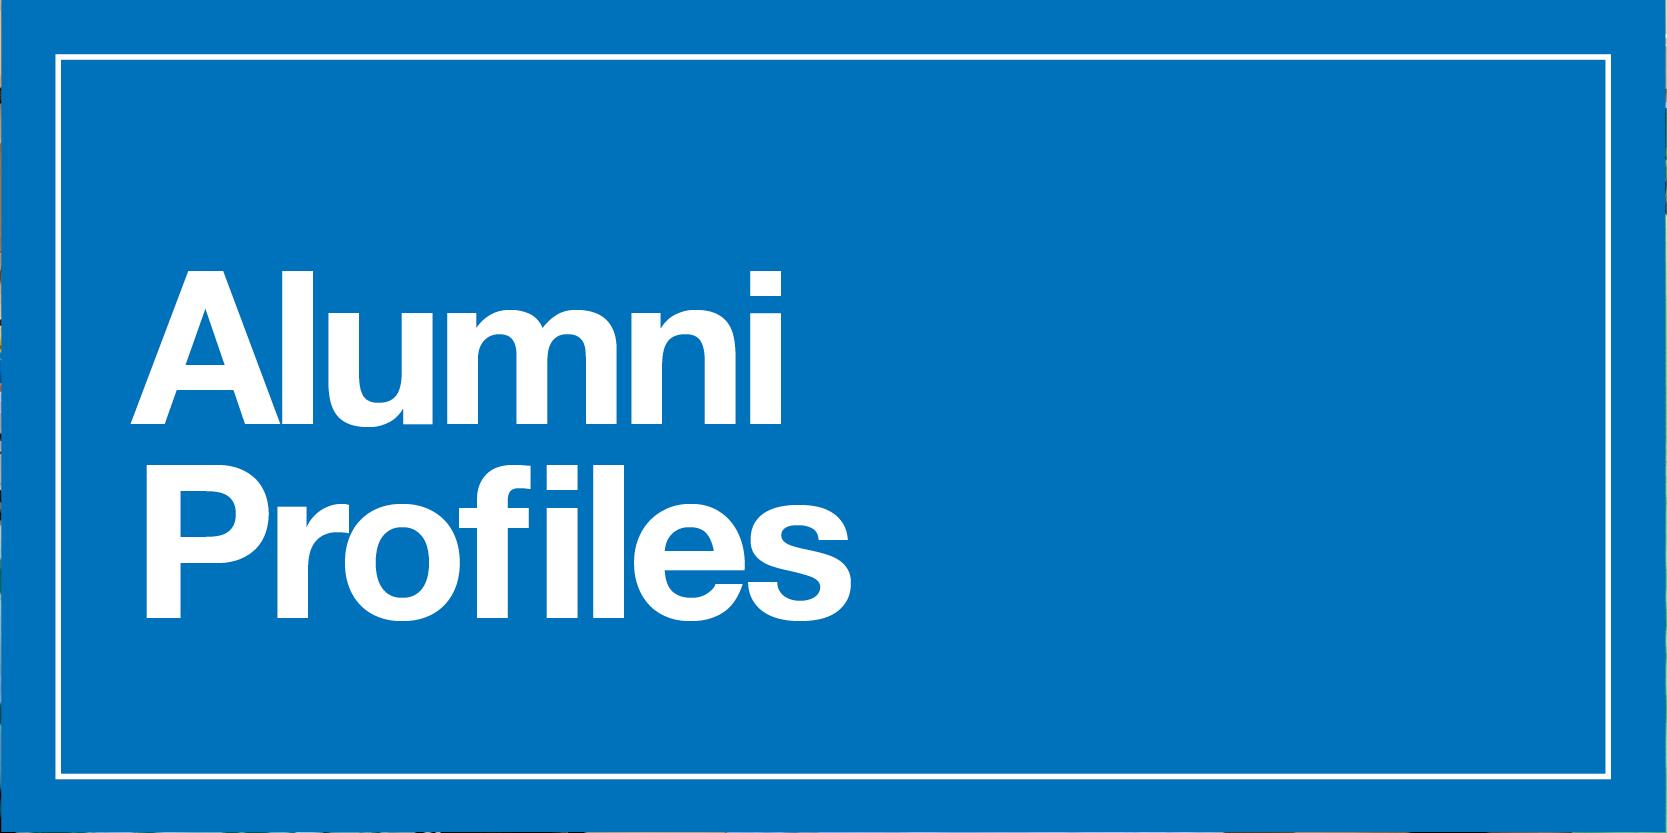 Alumni Profiles.png